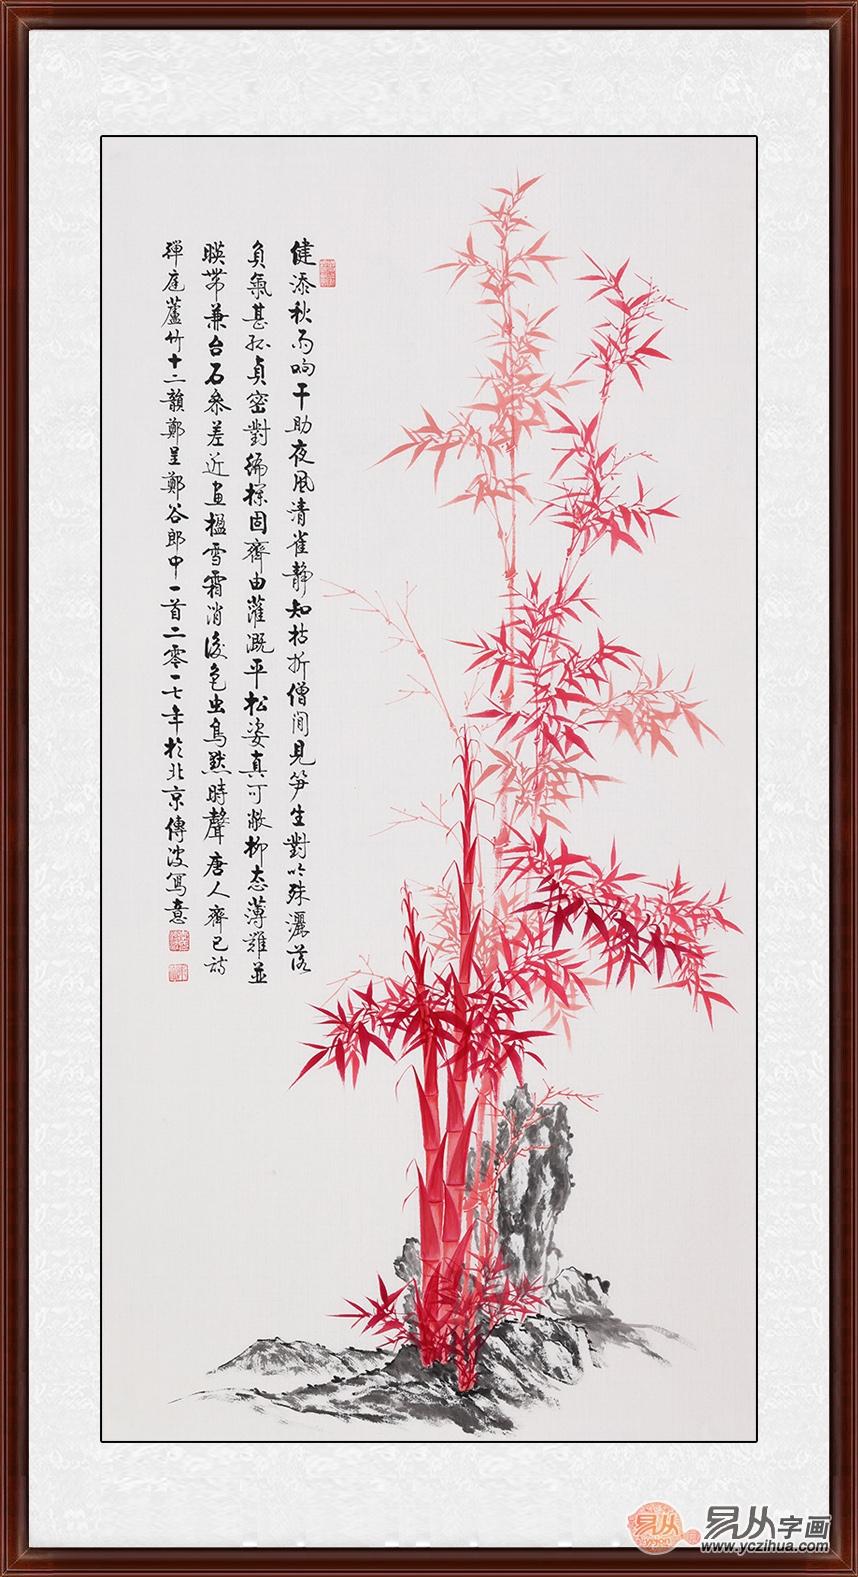 玄关用竹子画装饰 让家焕然一新